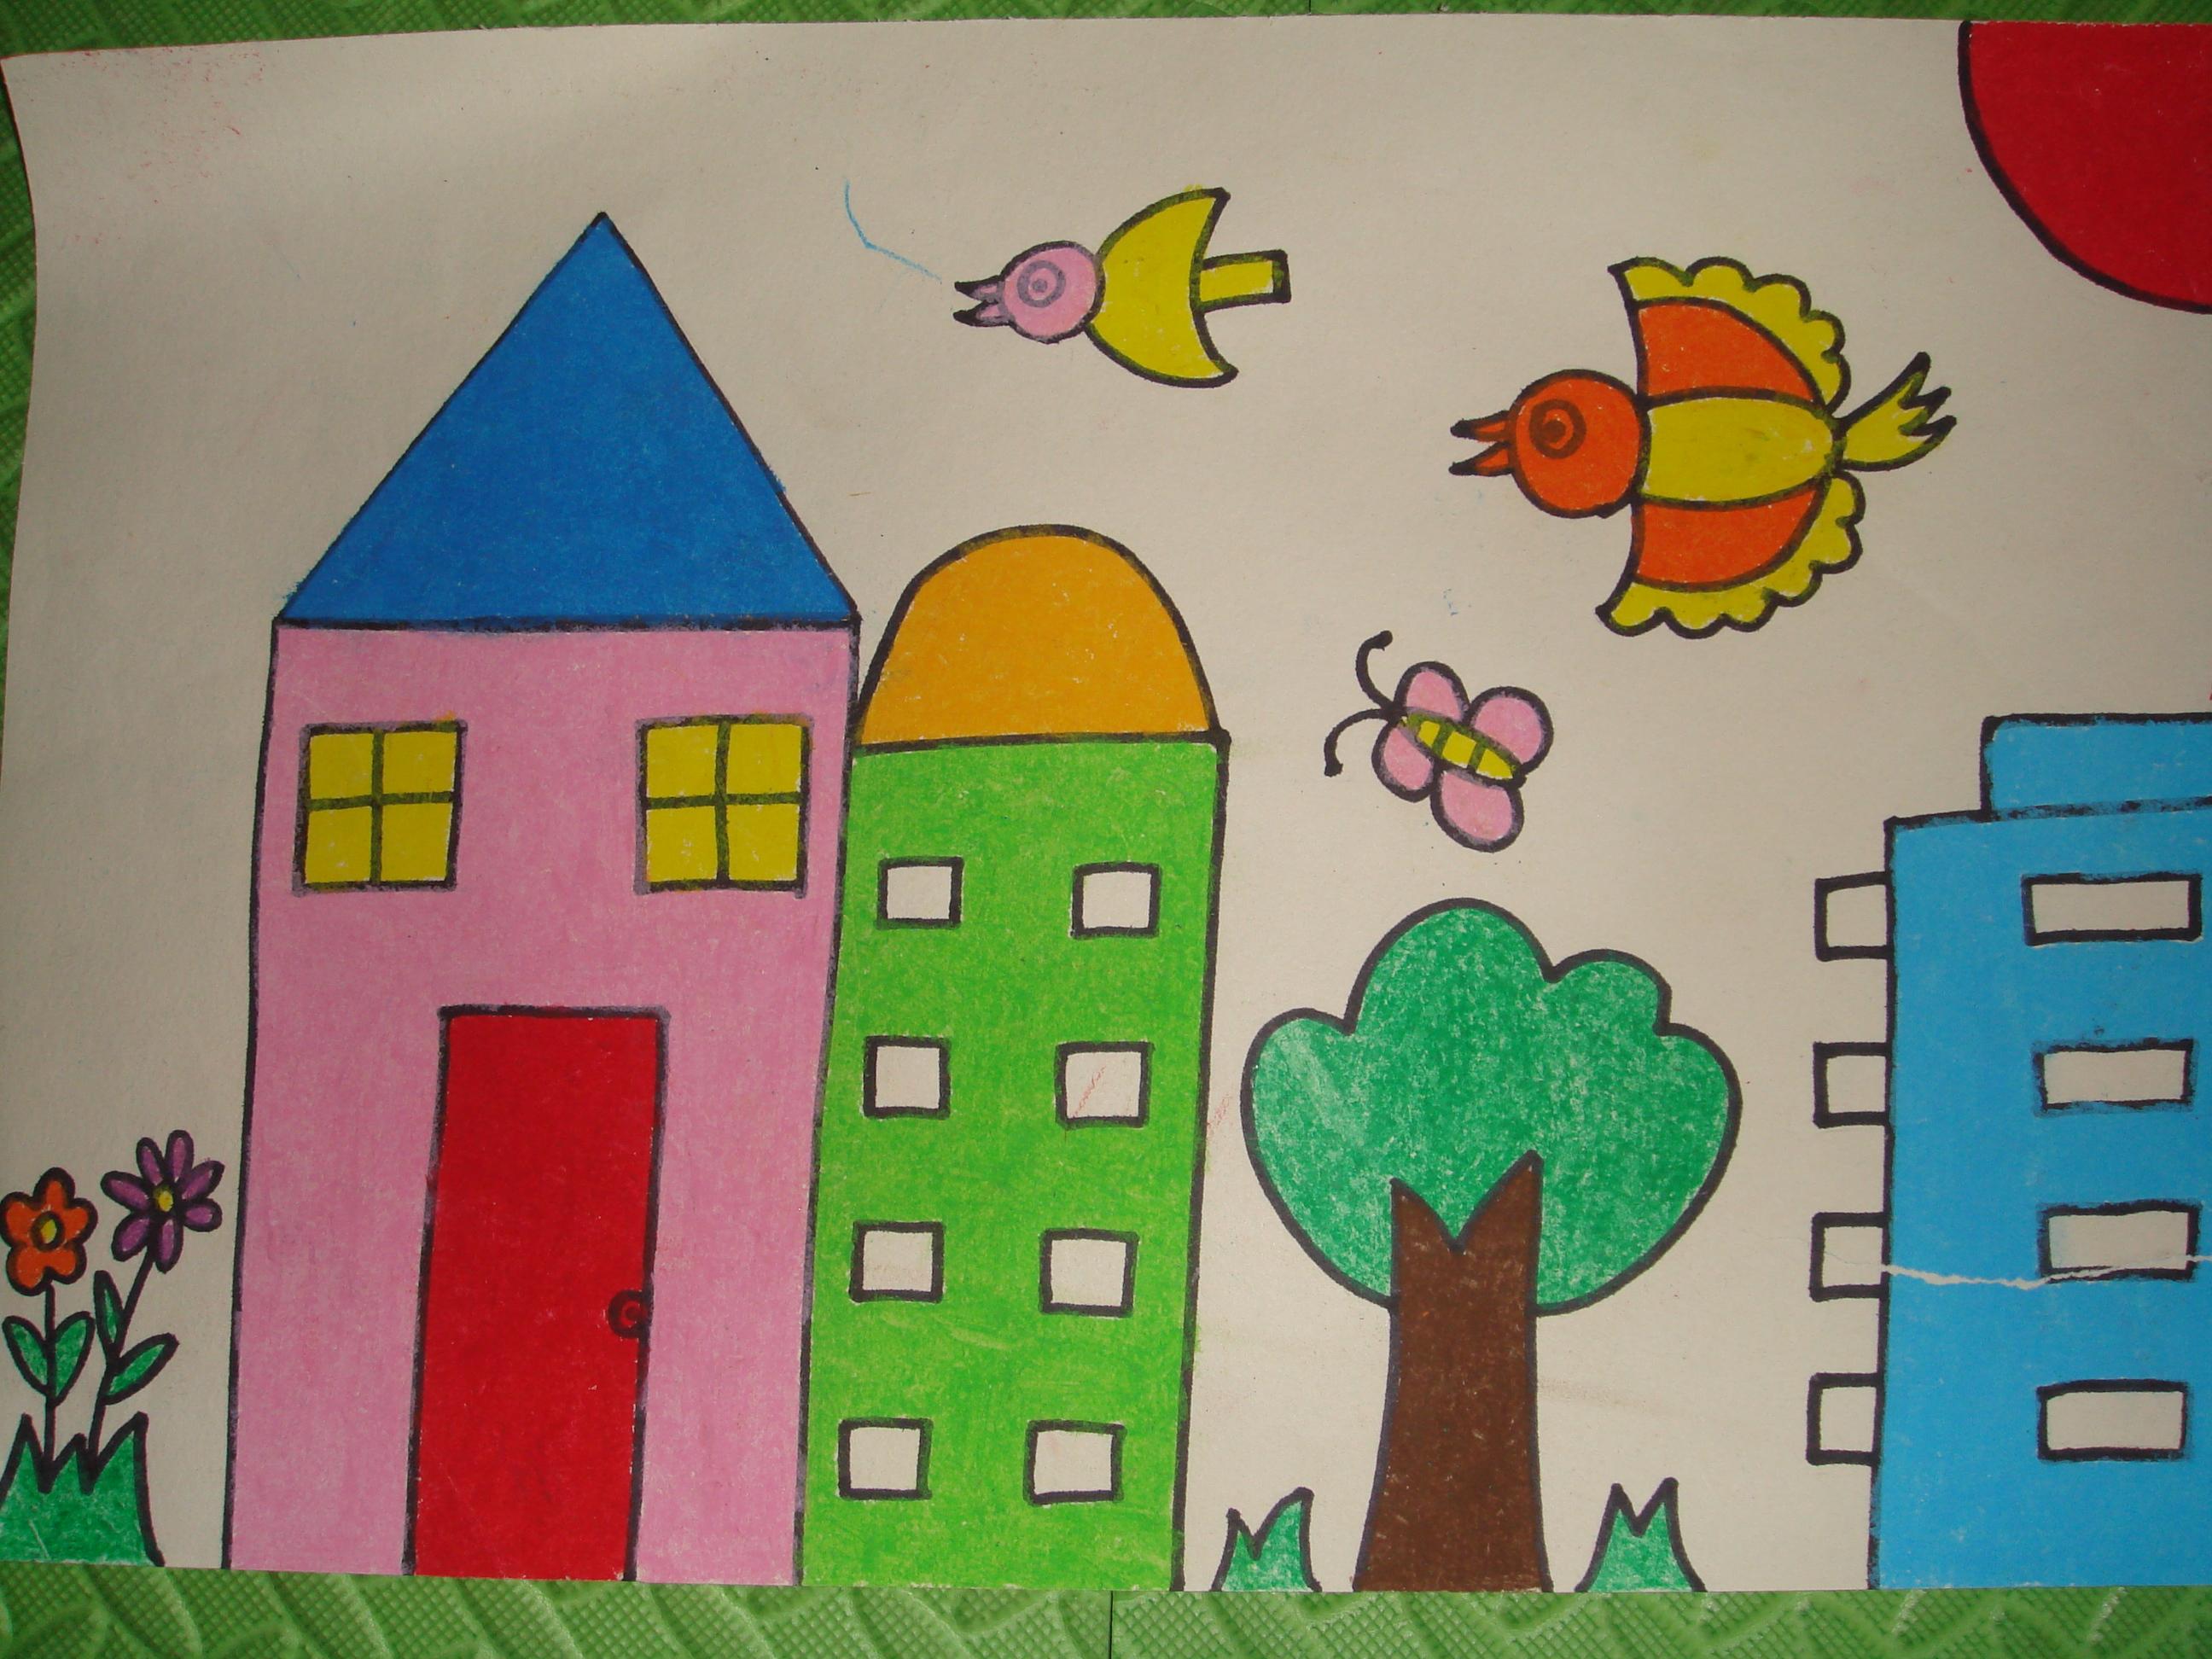 幼儿园 简易画  房屋_树上的房子绘画作品_房子绘画作品_树上的房子_鹊桥吧